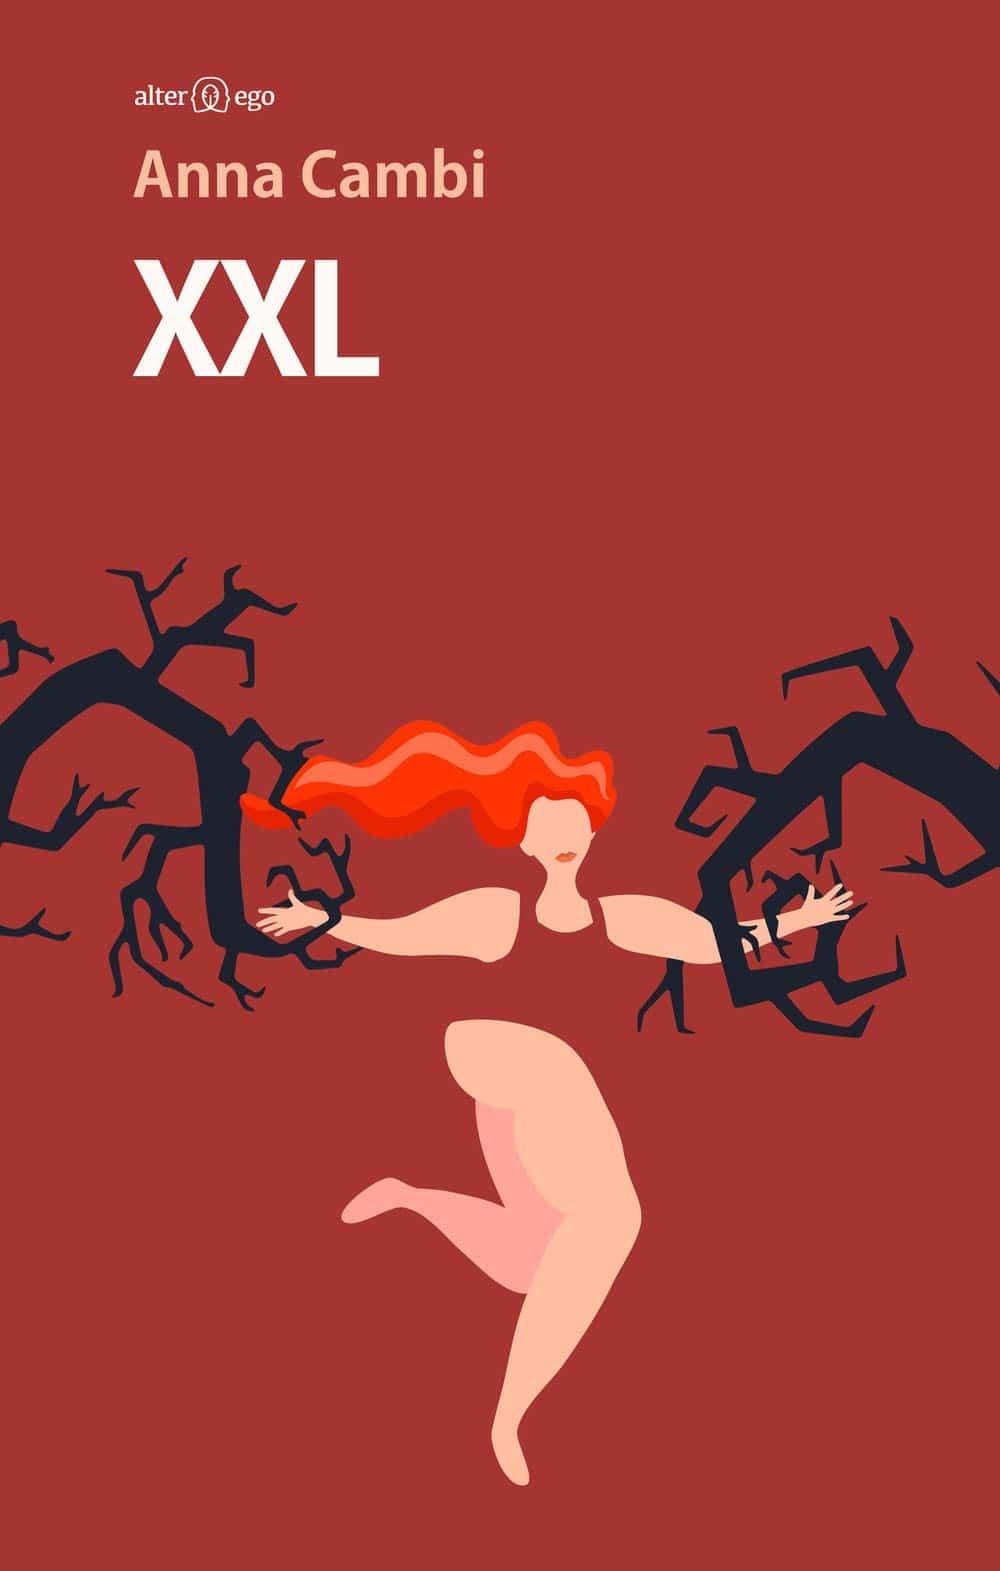 Recensione di XXL – Anna Cambi